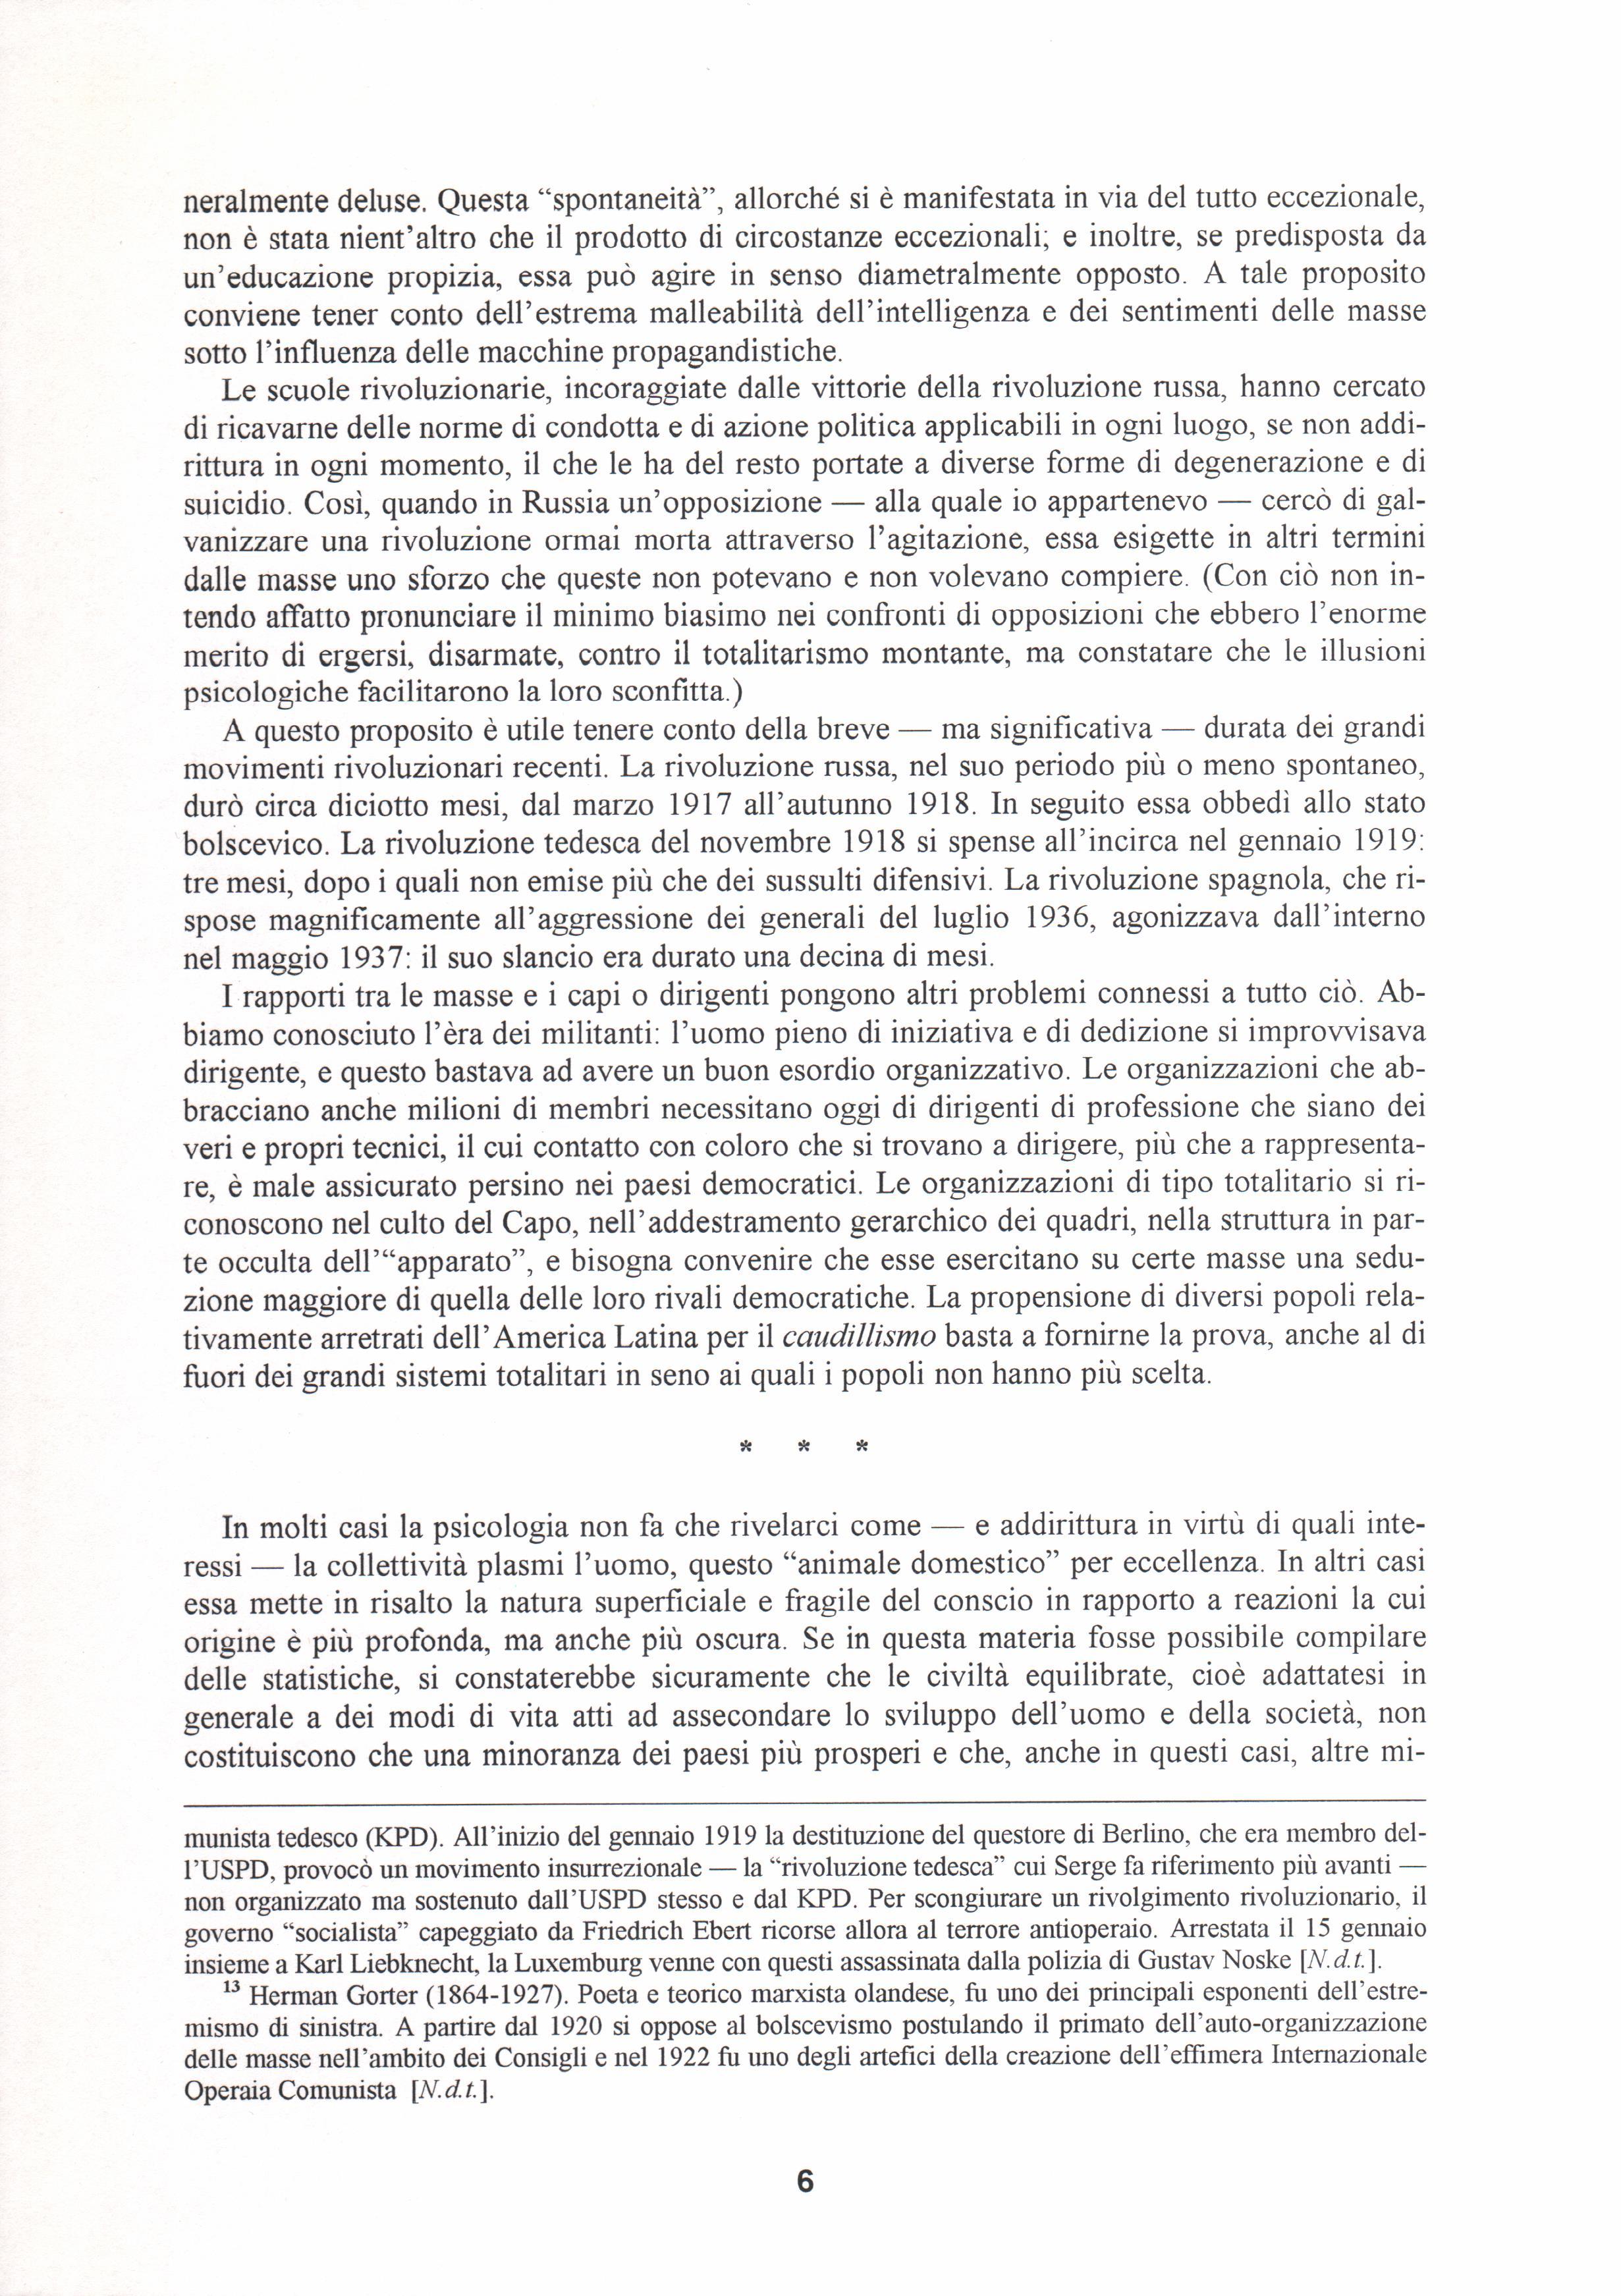 Quaderno n. 20 - pag. 7